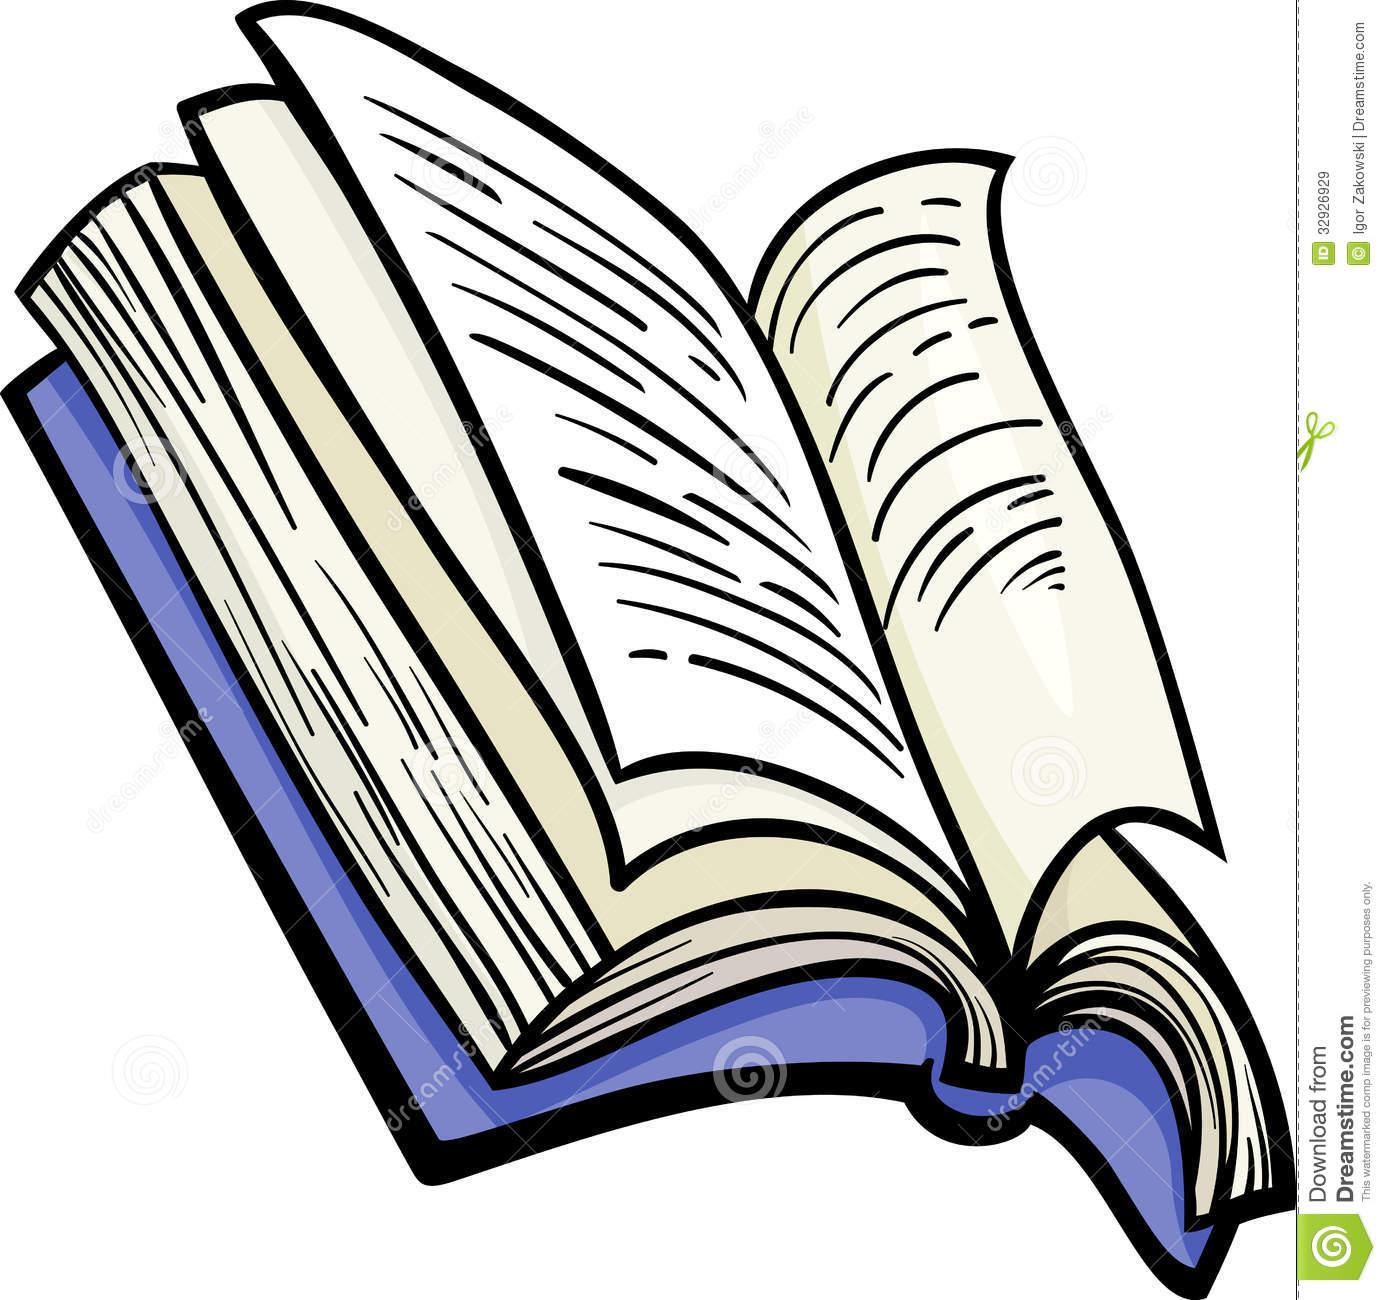 hight resolution of 1386x1300 book clipart cartoon